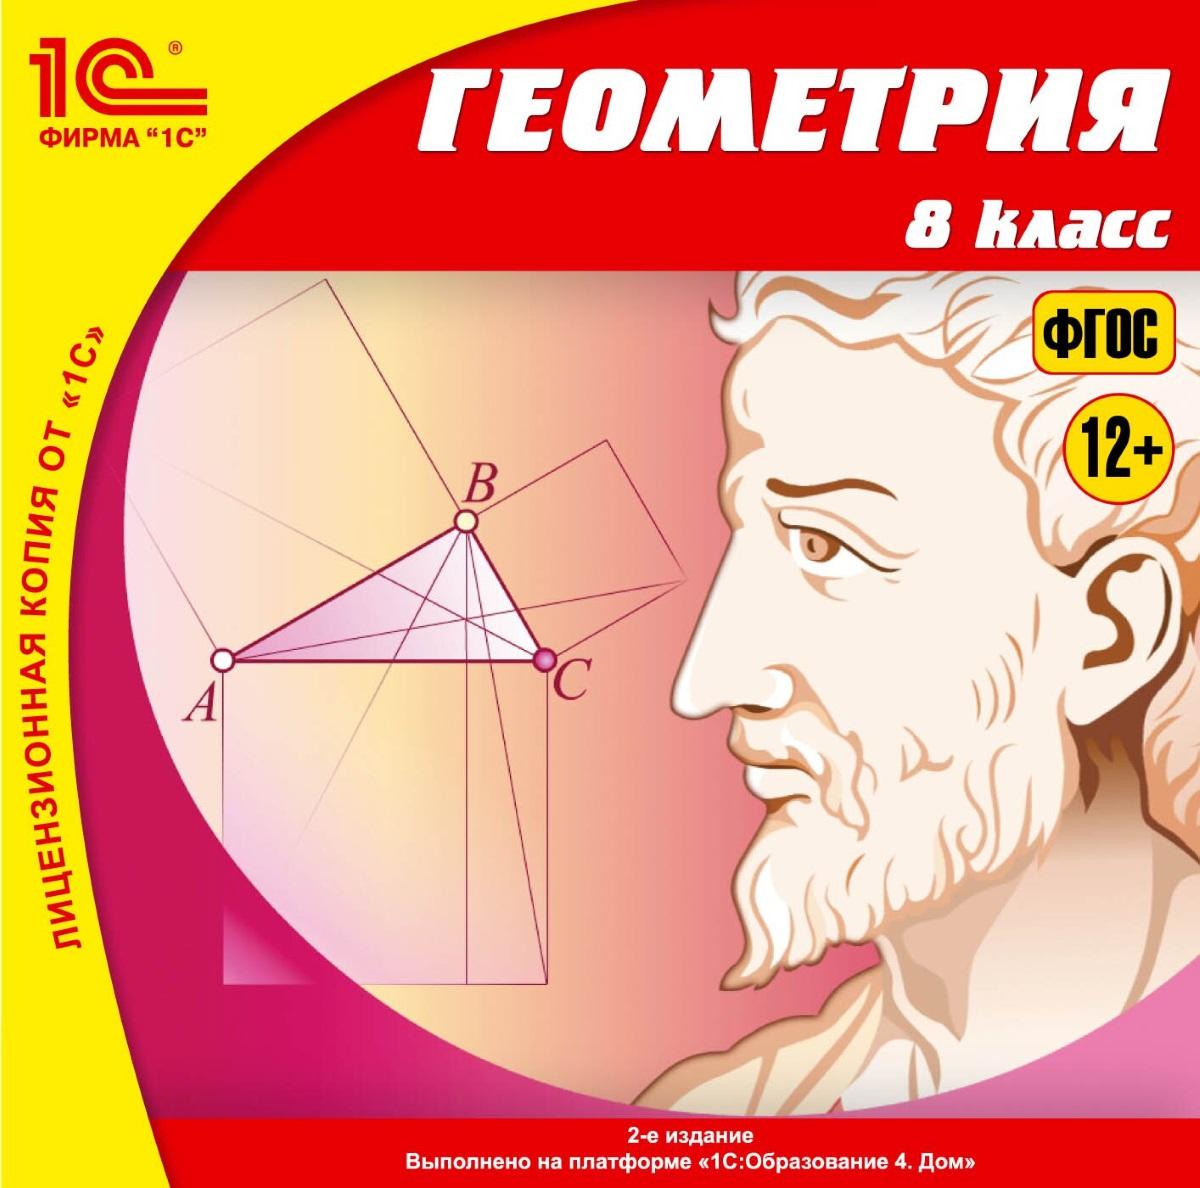 Геометрия, 8 класс (2-е издание, исправленное и дополненное) [цифровая версия] (Цифровая версия)Электронное издание Геометрия, 8 класс предназначено для изучения, повторения и закрепления учебного материала школьного курса по геометрии для 8-го класса.<br>